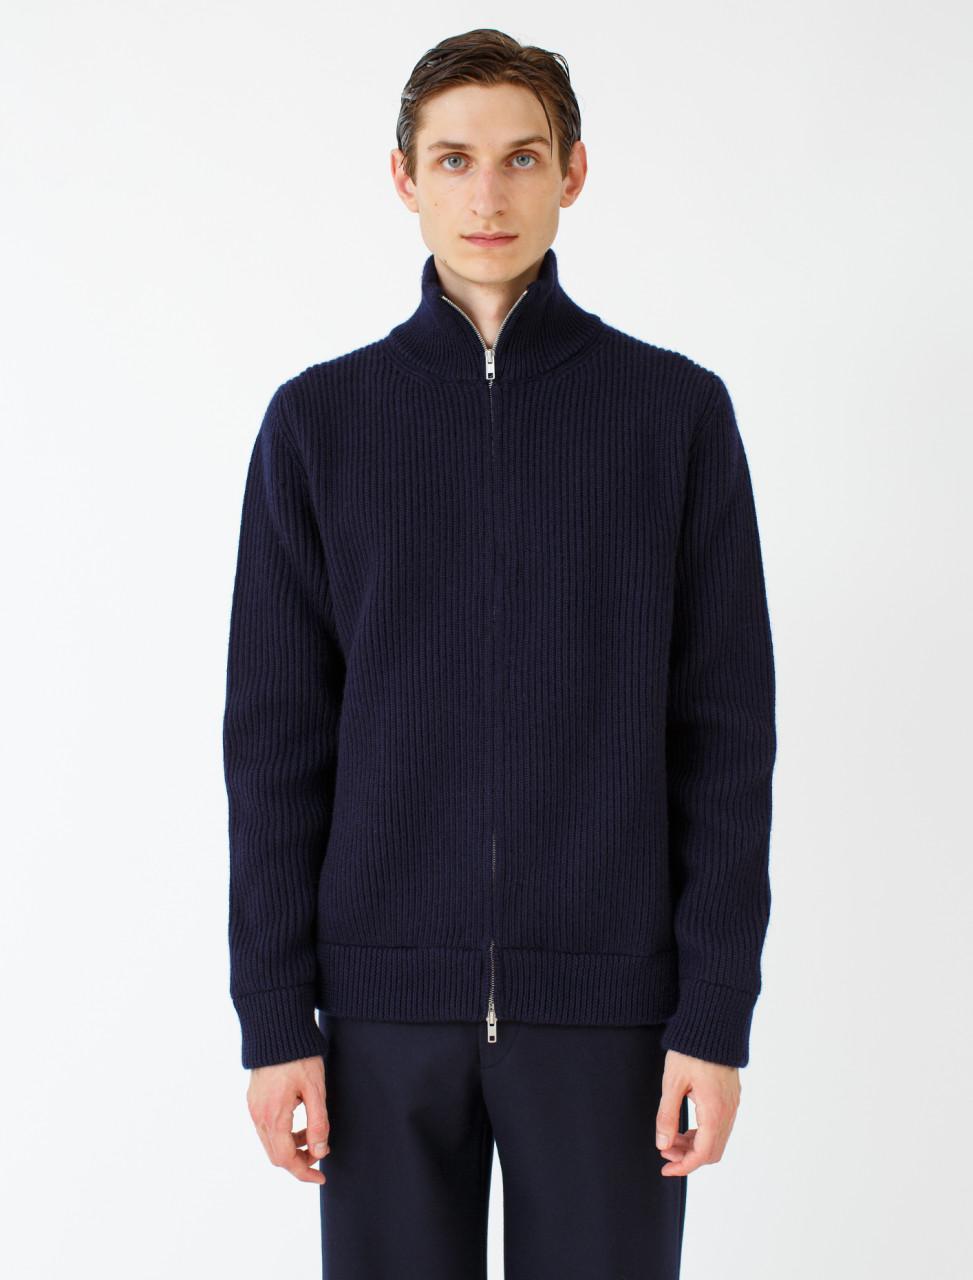 Turtleneck Zip Sweater